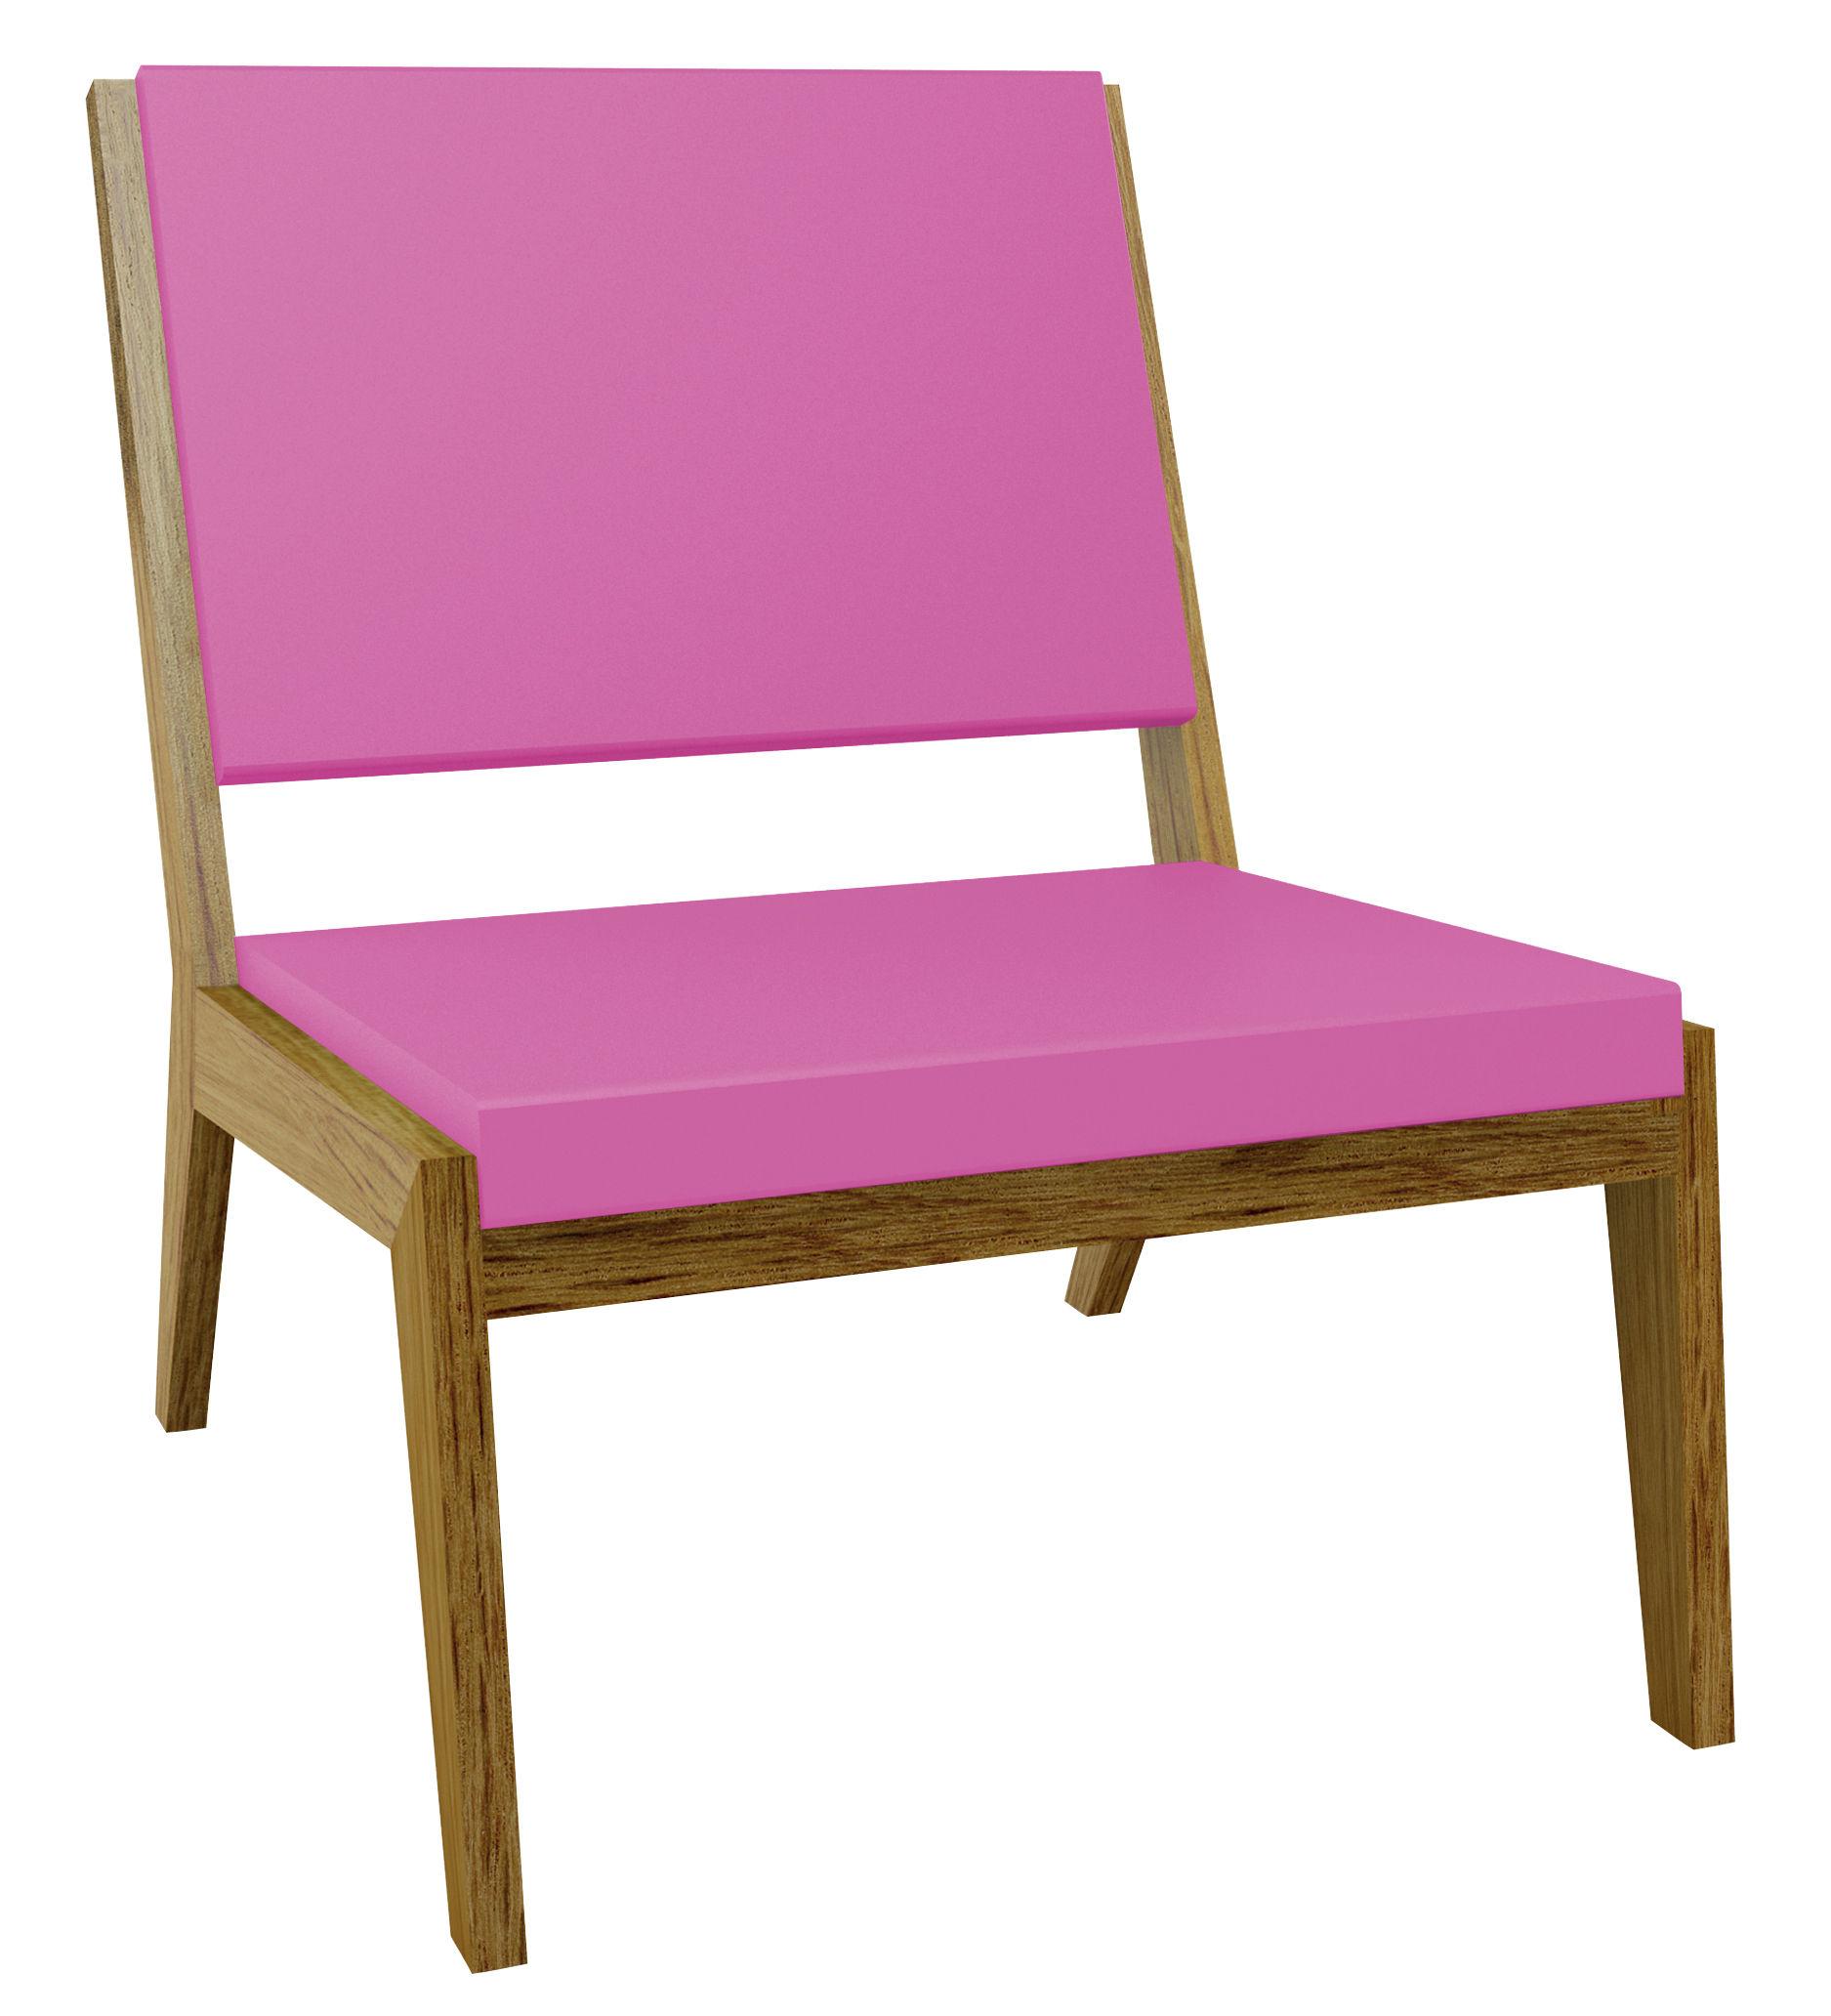 Arredamento - Poltrone design  - Poltrona bassa Room 26 di Quinze & Milan - Rovere/Cuscino rosa - Rovere, Schiuma di poliuretano